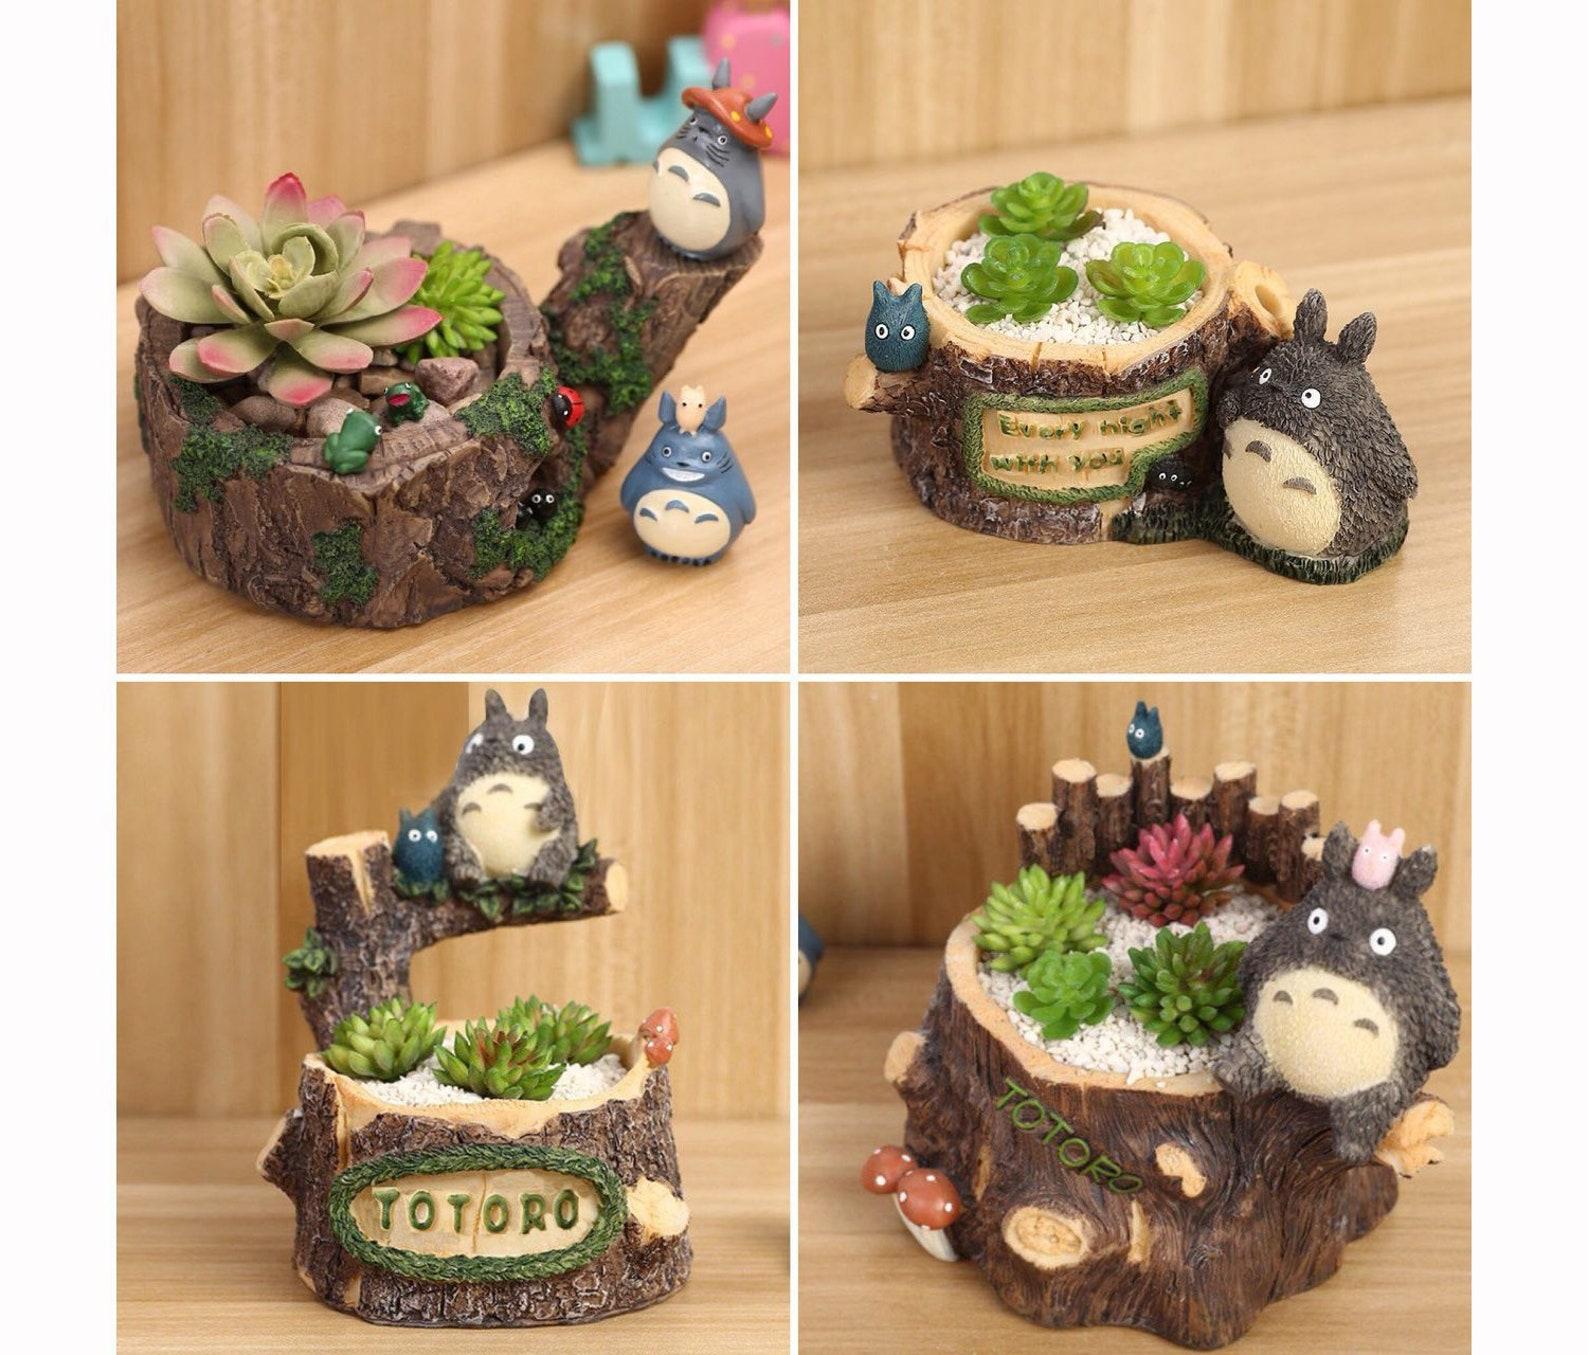 Totoro Mini Planter